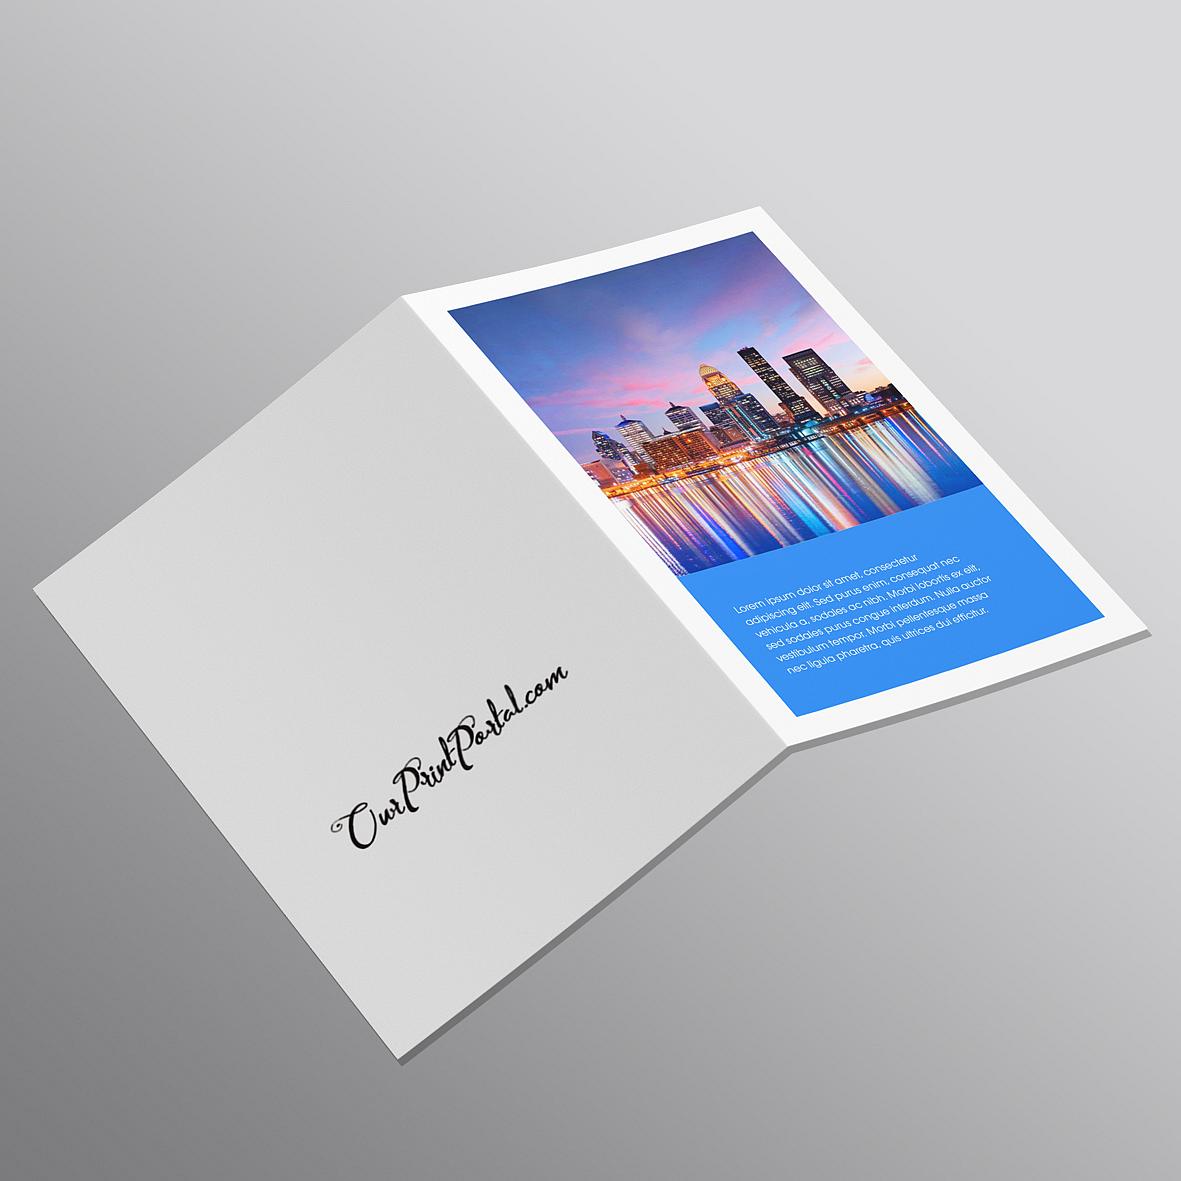 Litho Folded Promo Cards